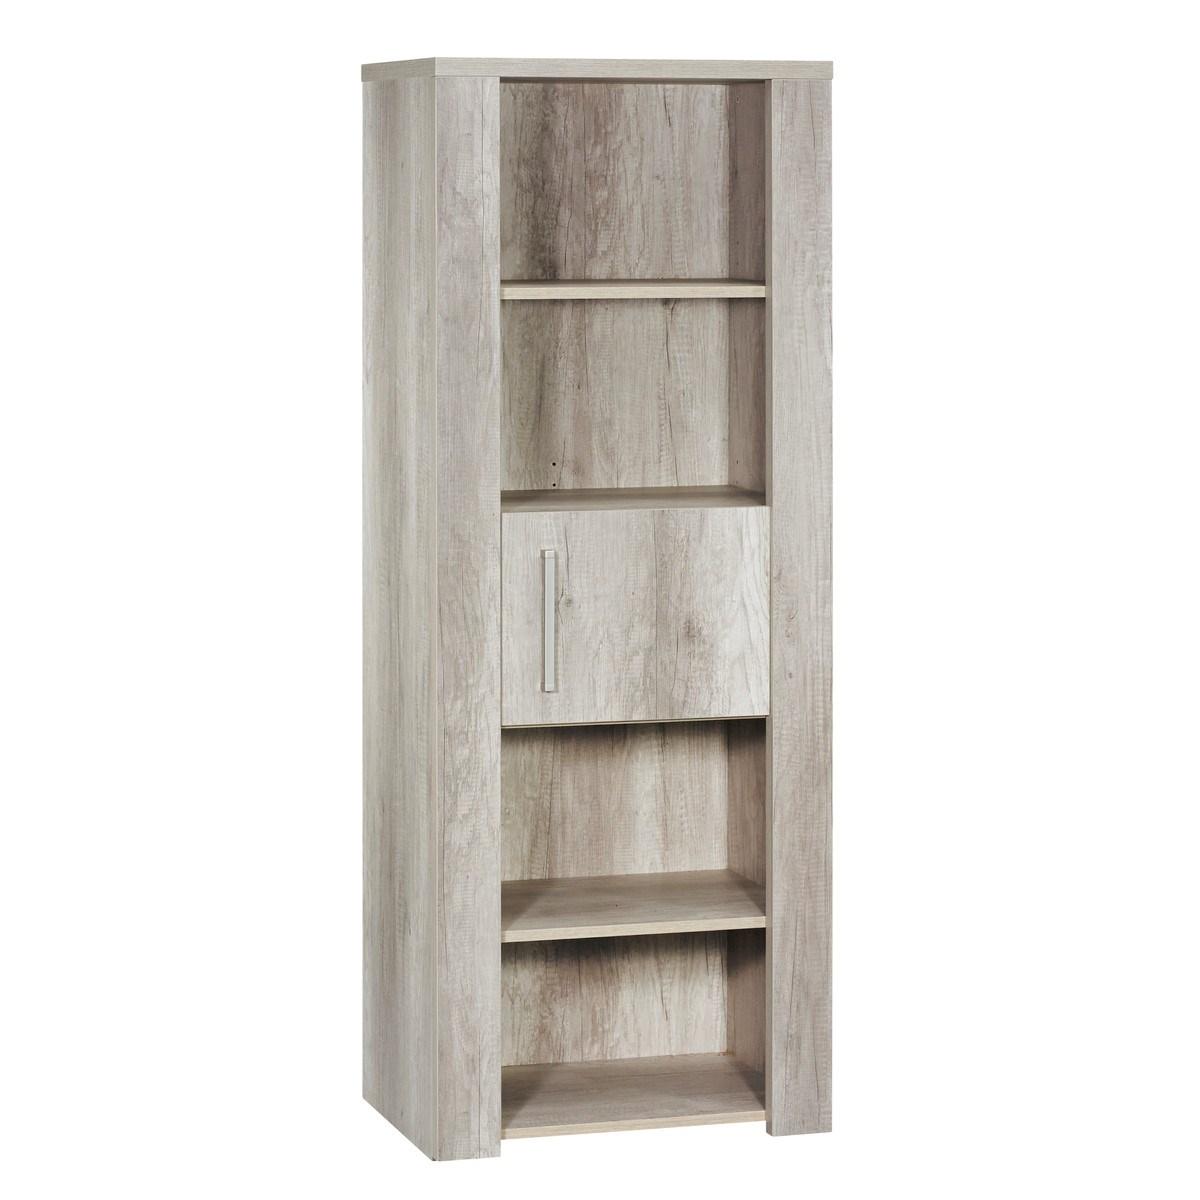 Meuble etagère bibliothèque en bois marron